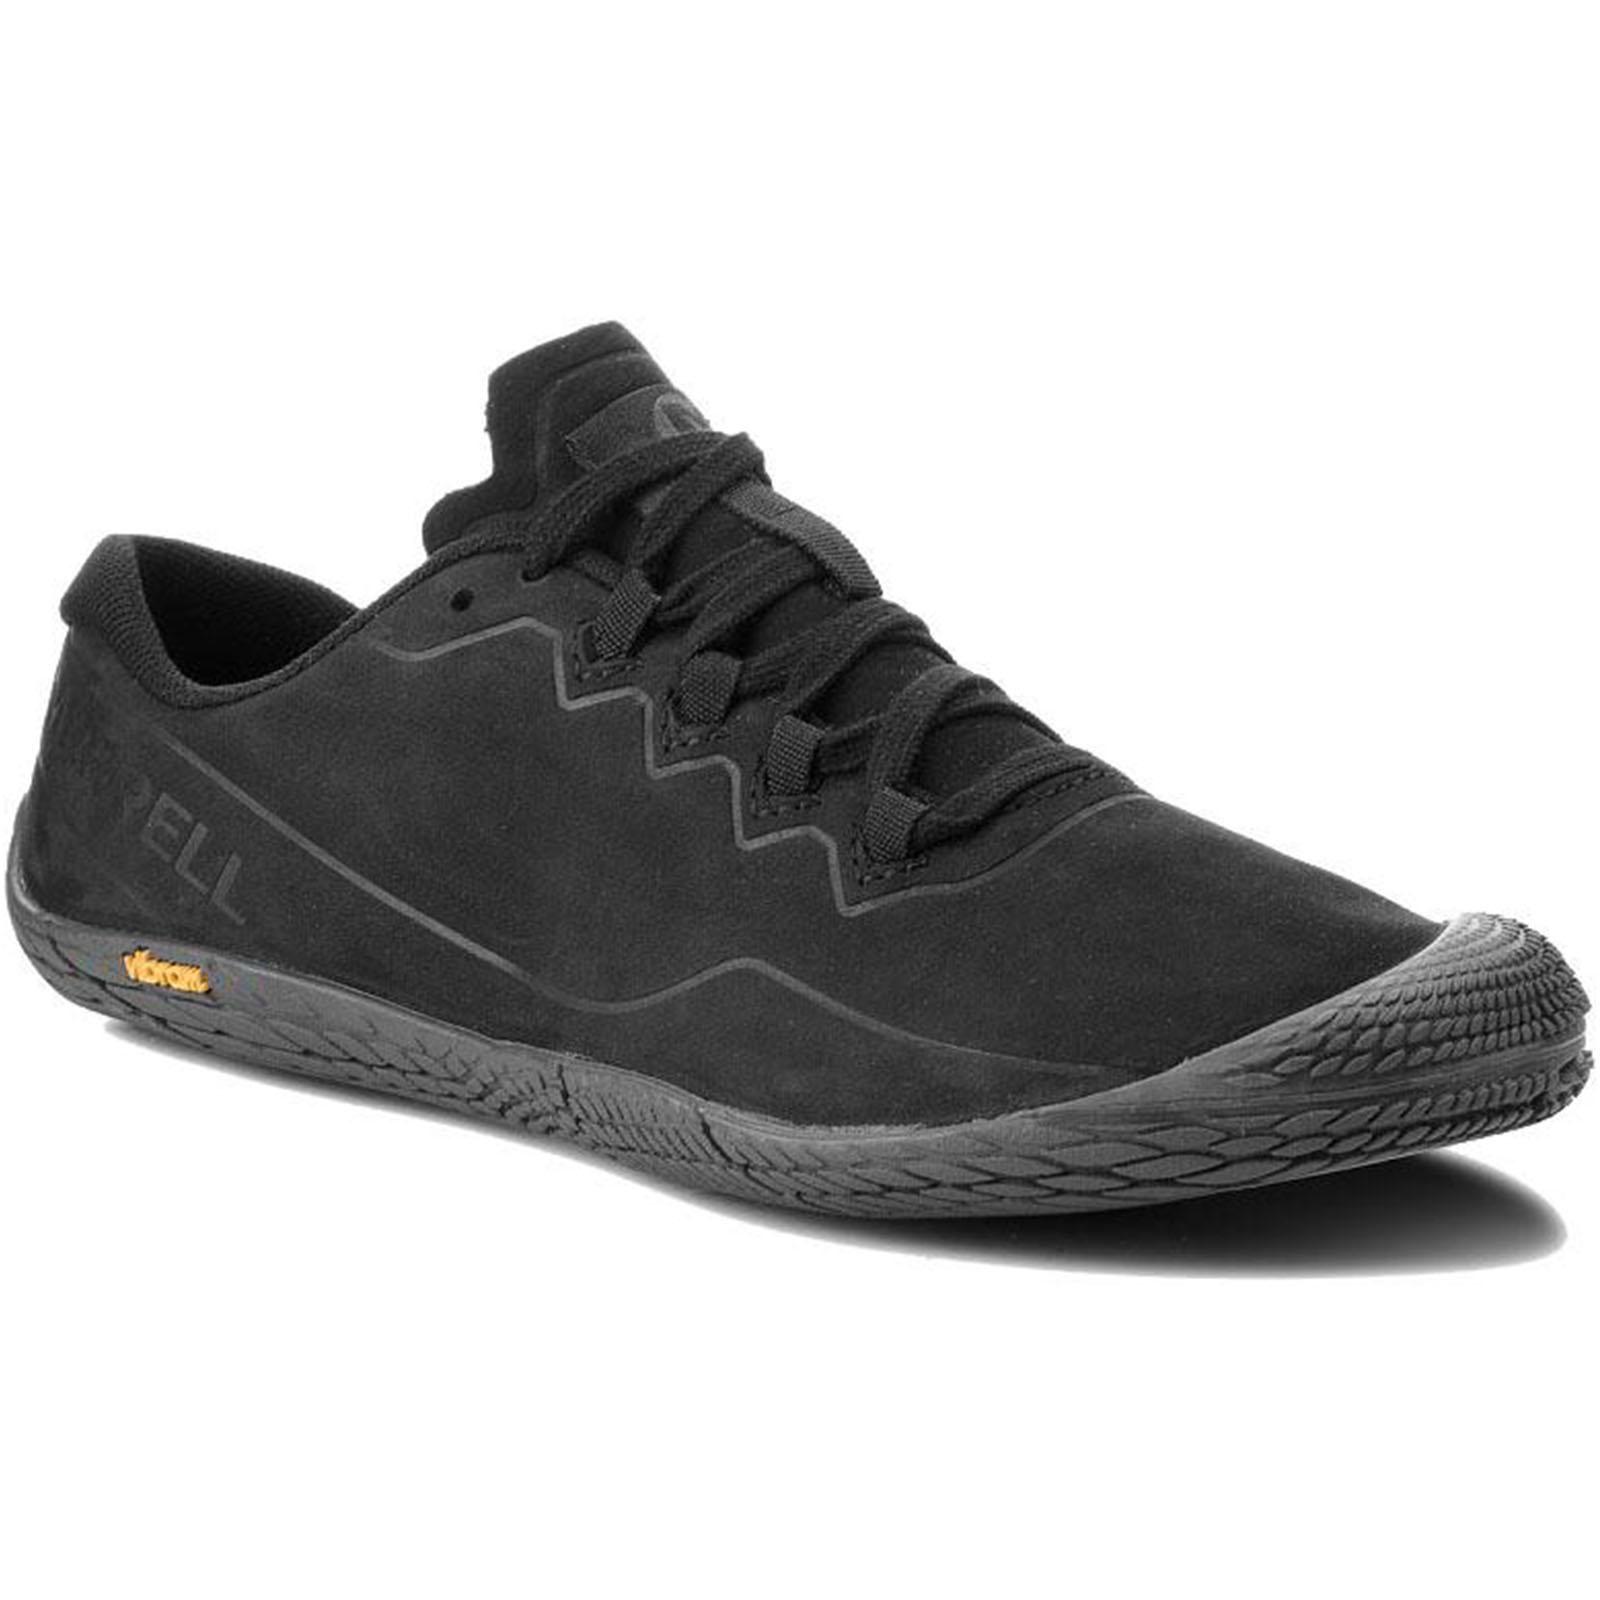 Merrell Mens Vapor Glove 3 Luna Ltr Leather Barefoot Shoes - Black